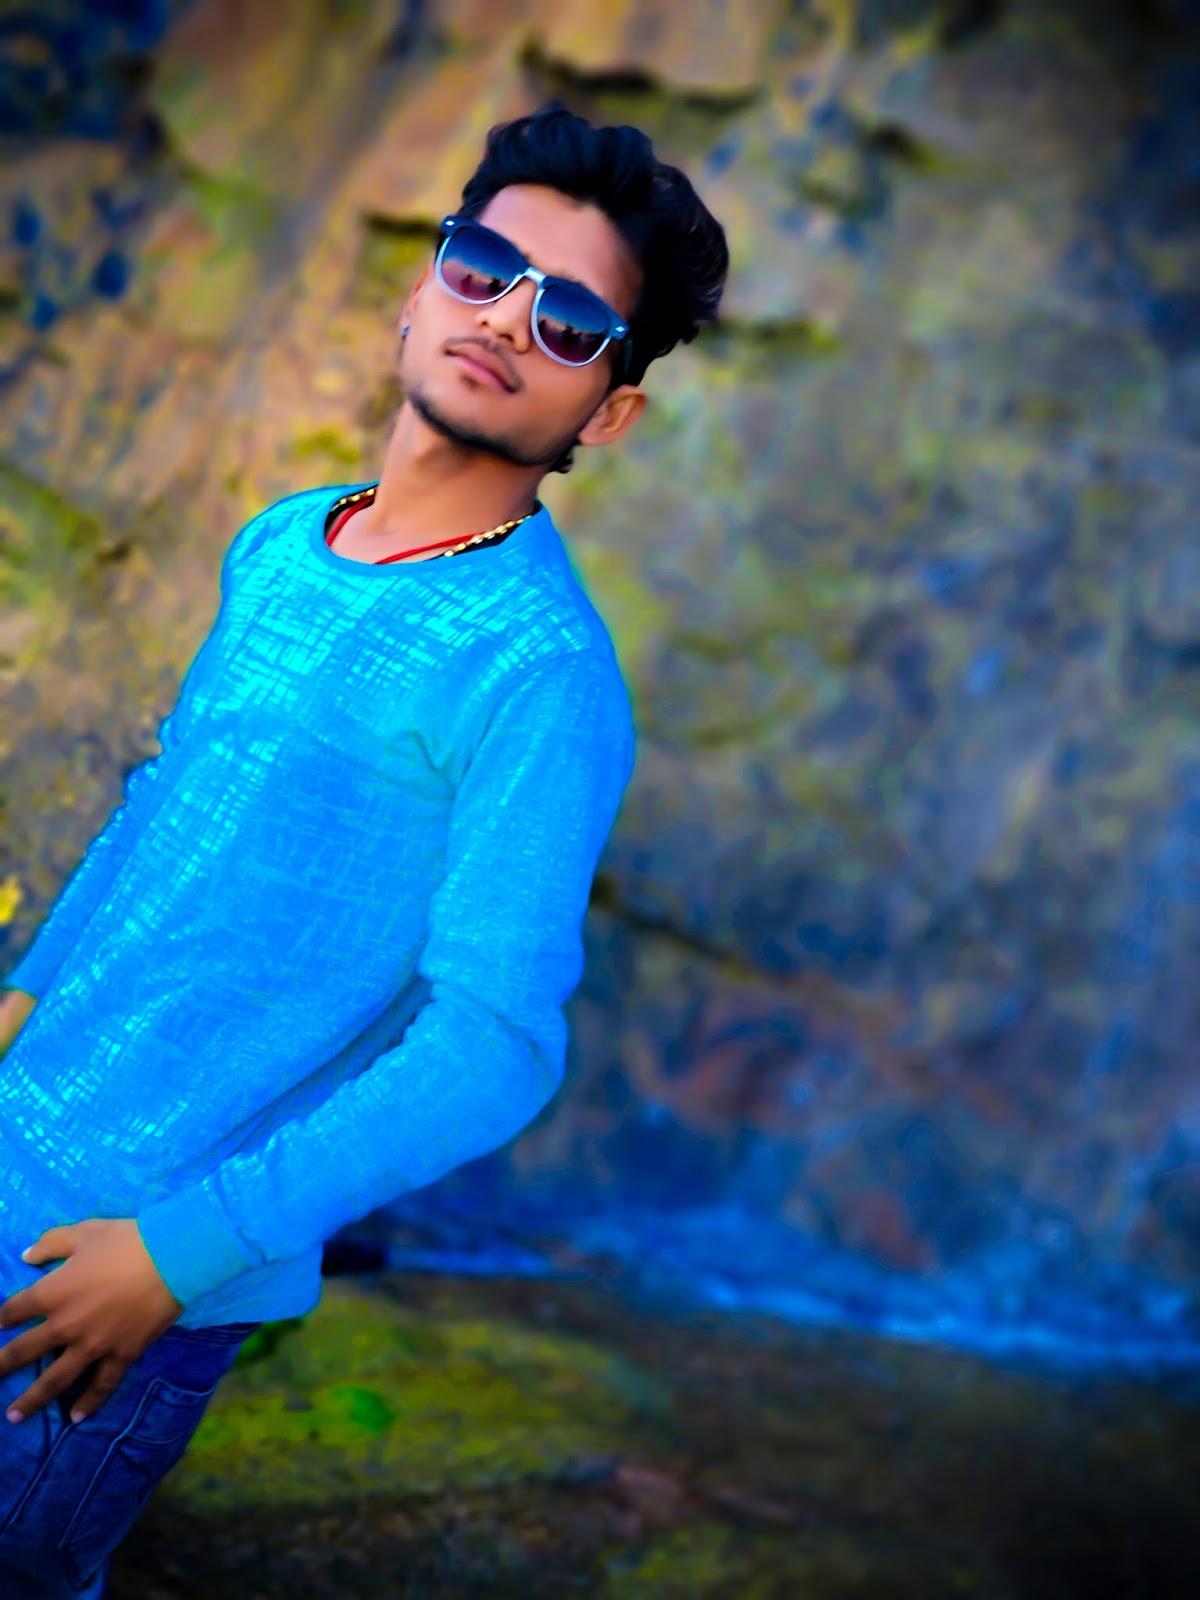 DJ-ROHIT-PANCHAL-MIXING: Lahore - Dj Rohit Panchal Mixing